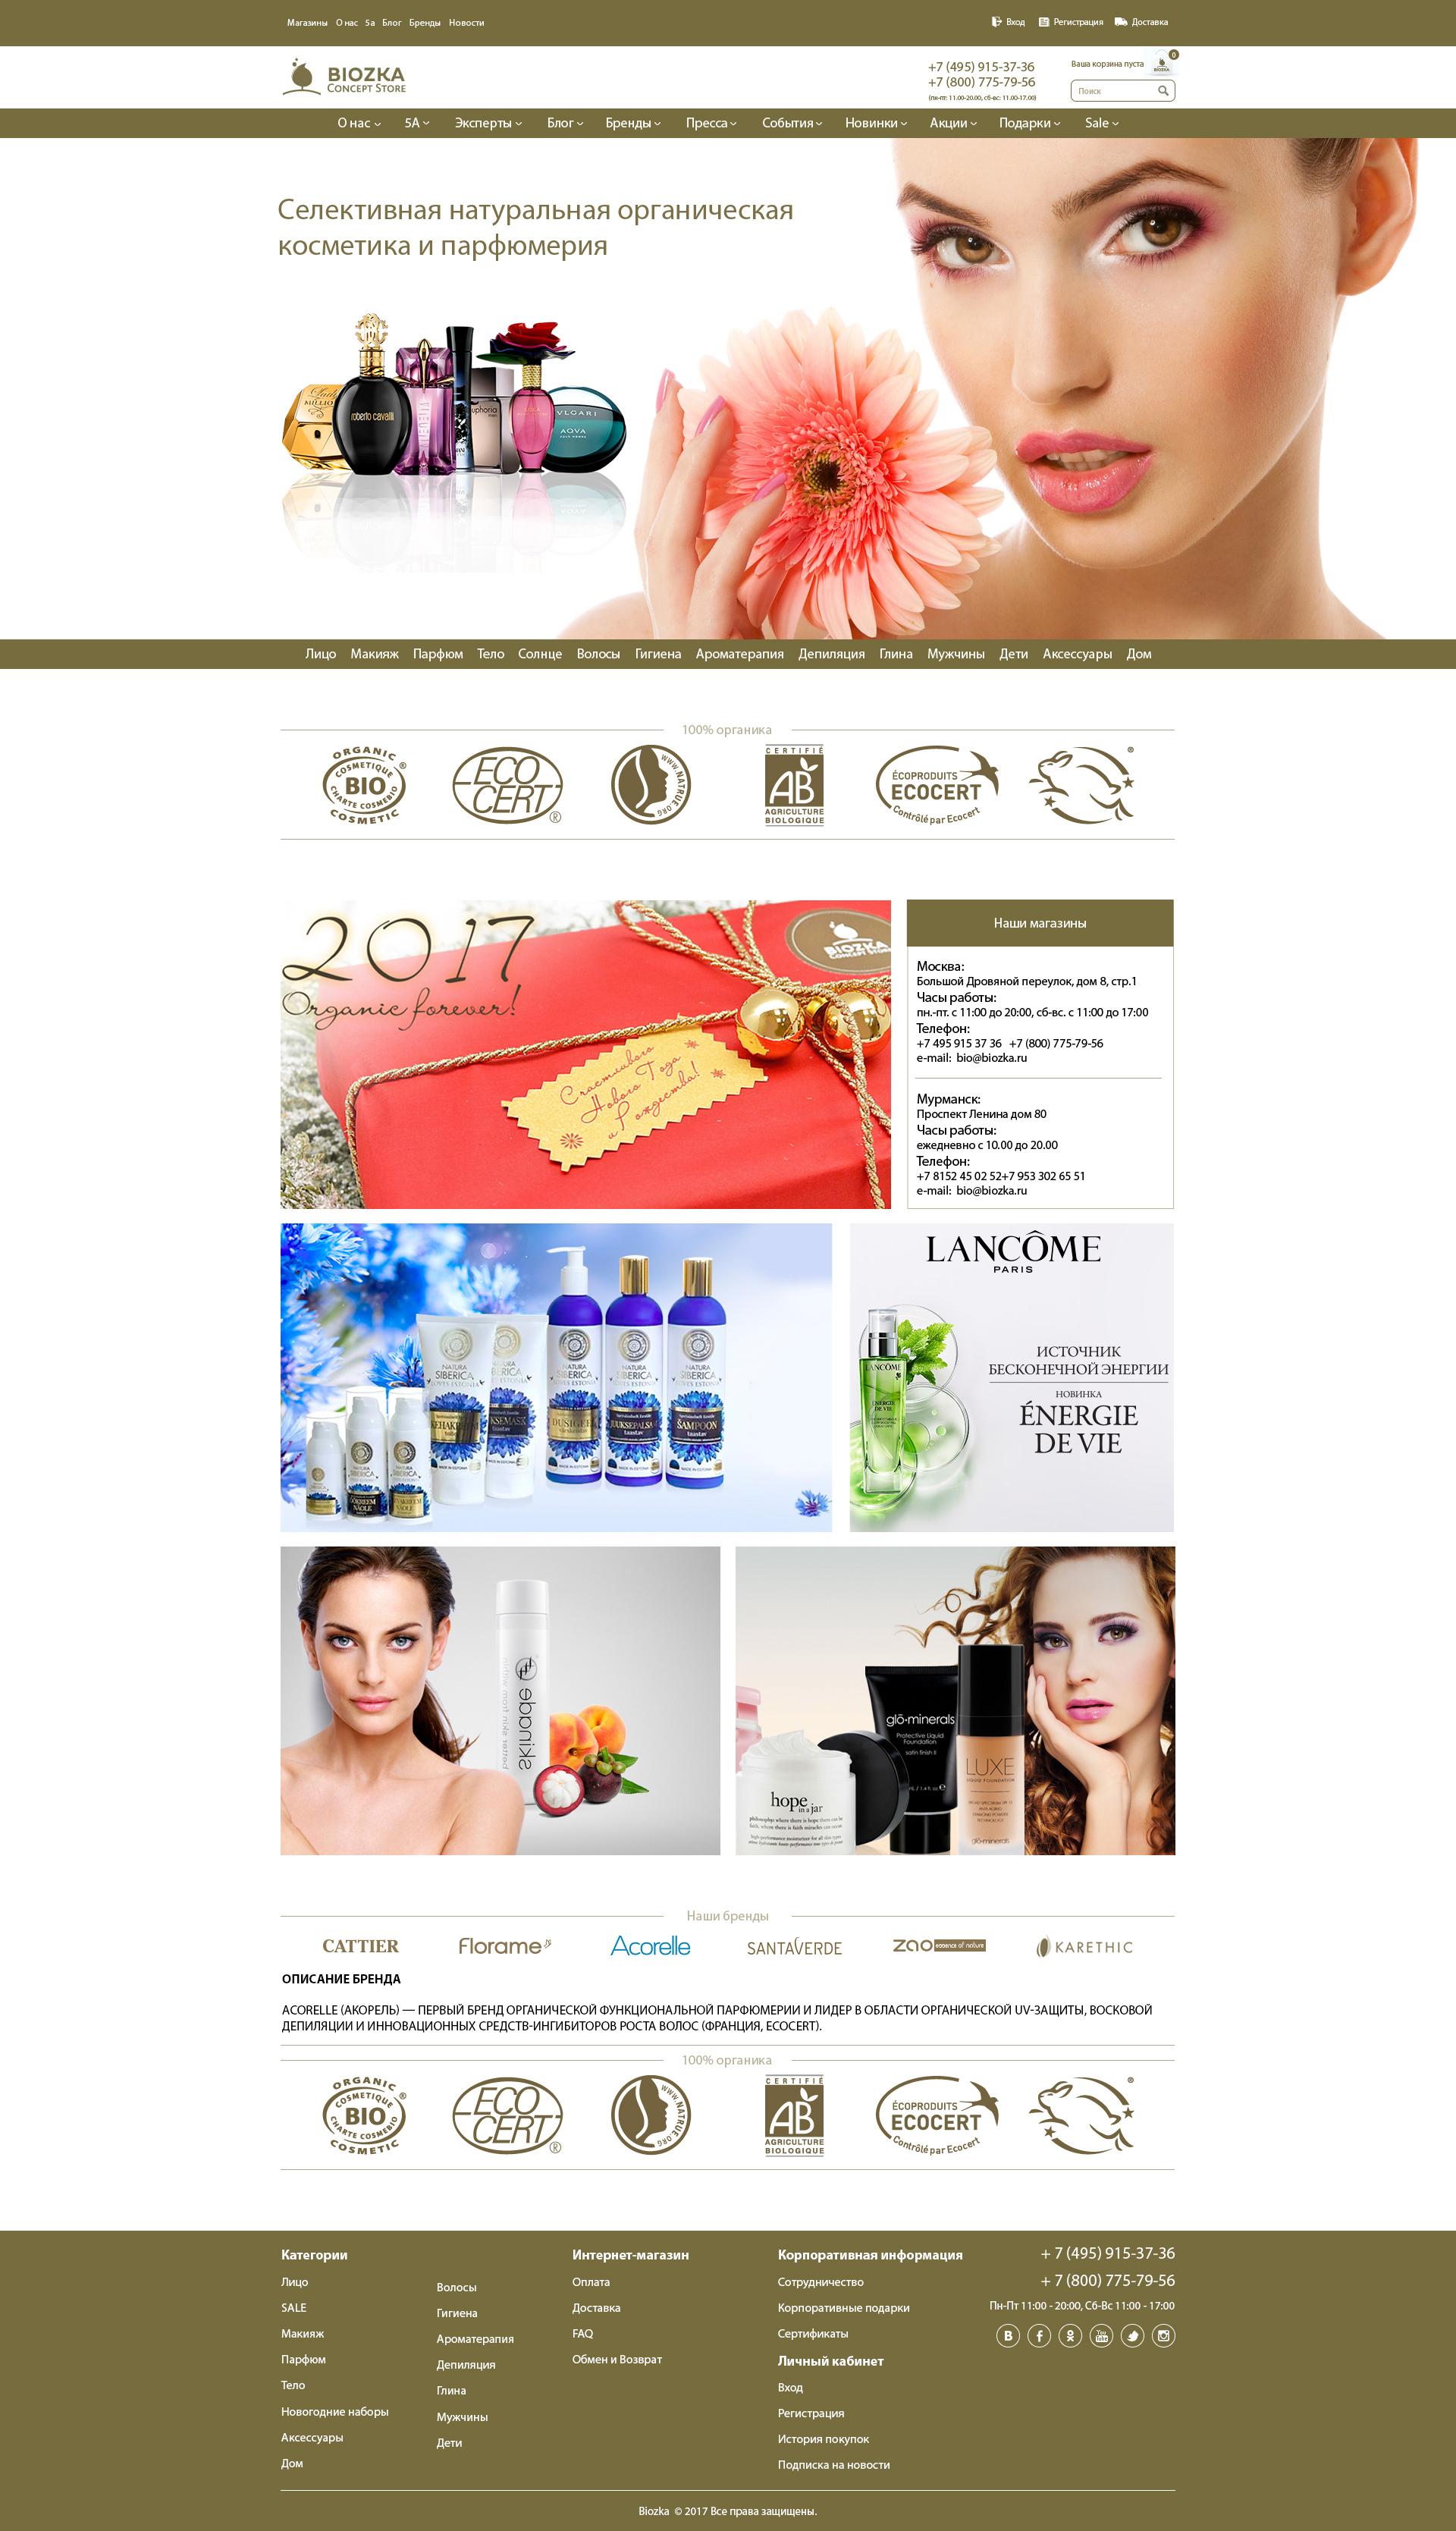 Дизайнер или графический художник для создания дизайна сайта фото f_837586df81acb2f3.jpg